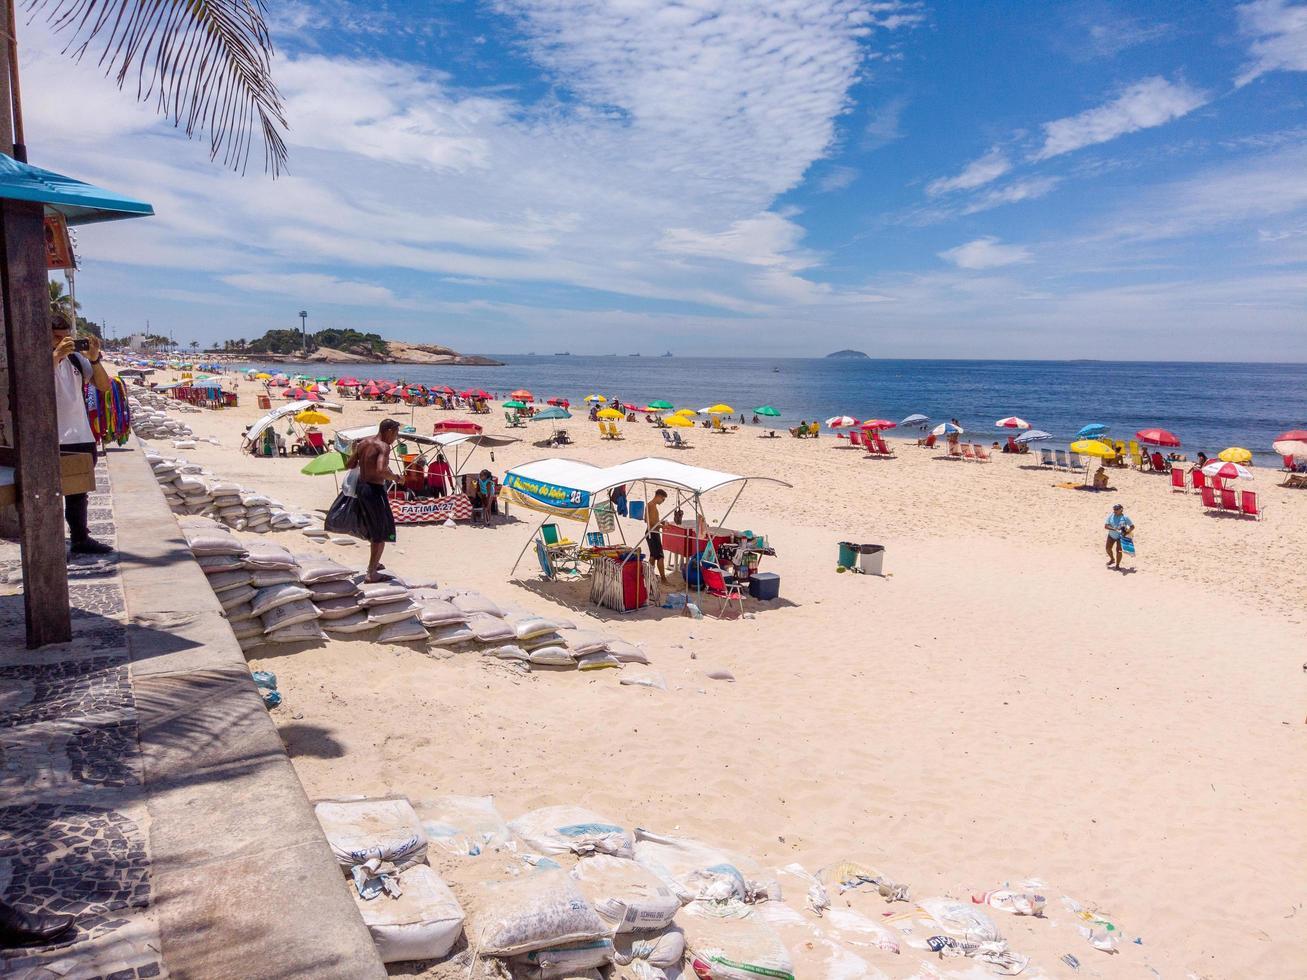 río de janeiro, brasil, 2015 - playa de ipanema en río de janeiro foto